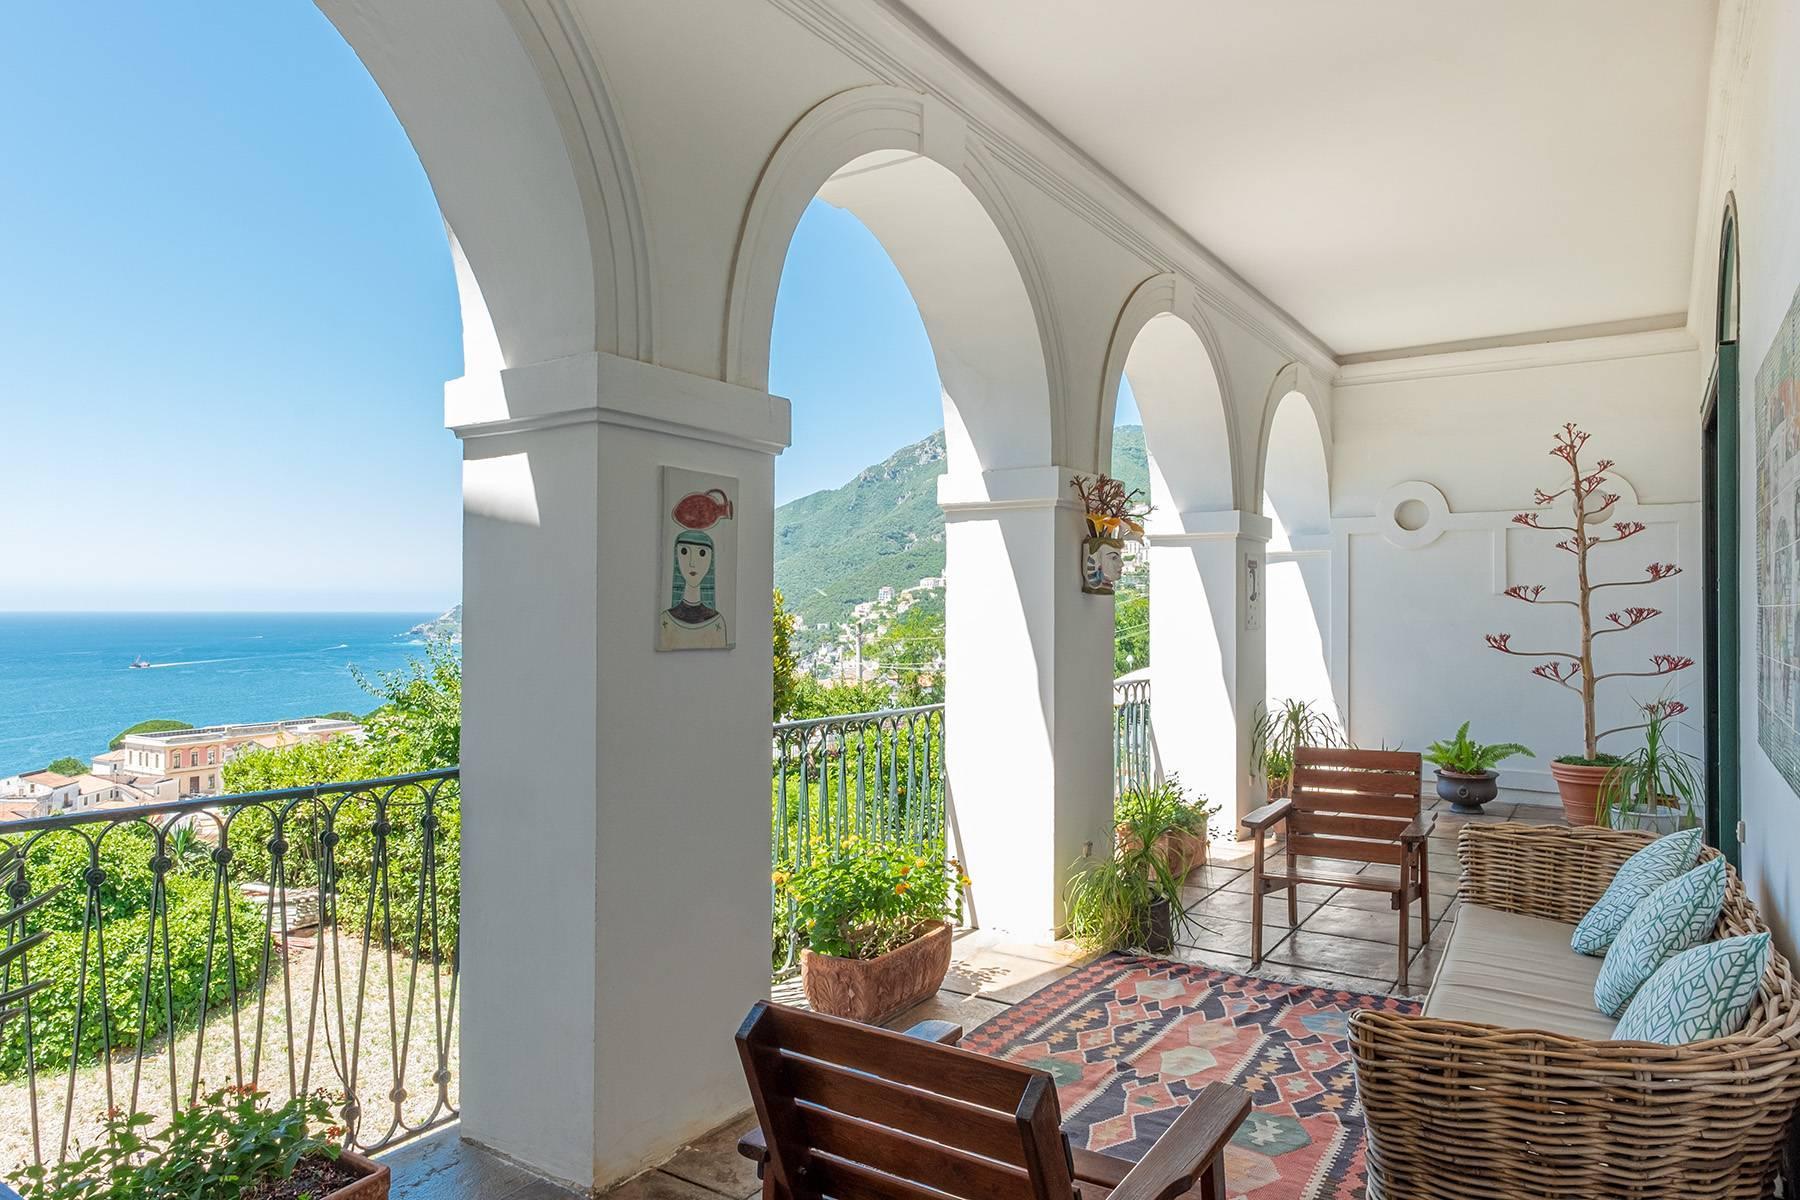 Historisches Anwesen im Grünen mit atemberaubendem Blick auf den Golf von Vietri - 13